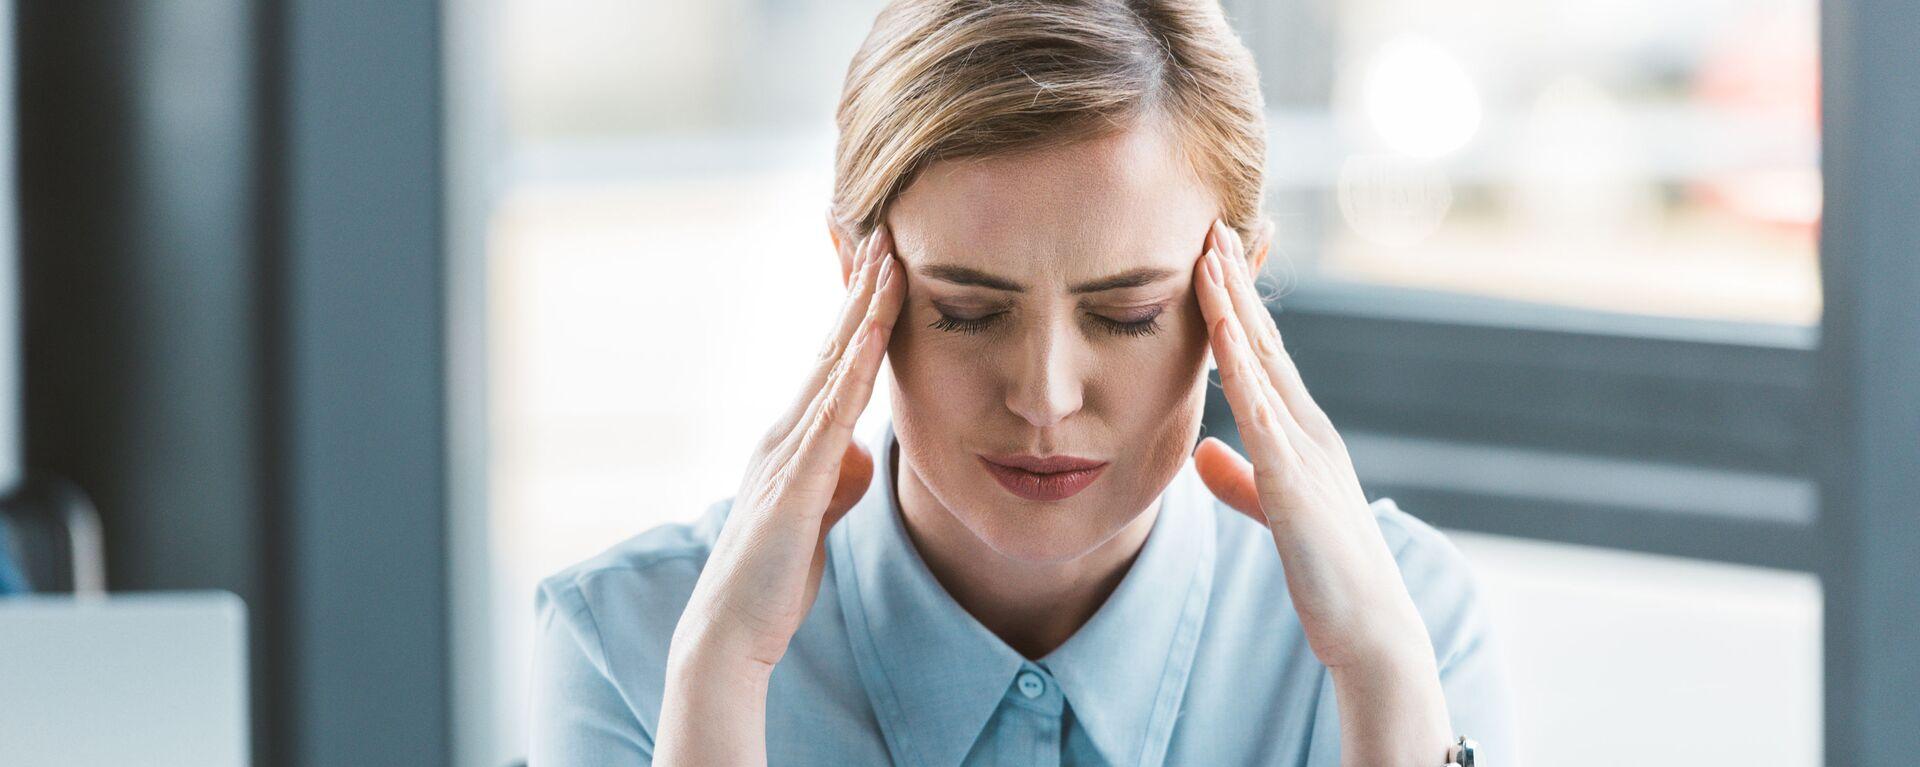 Ból głowy - Sputnik Polska, 1920, 06.08.2021